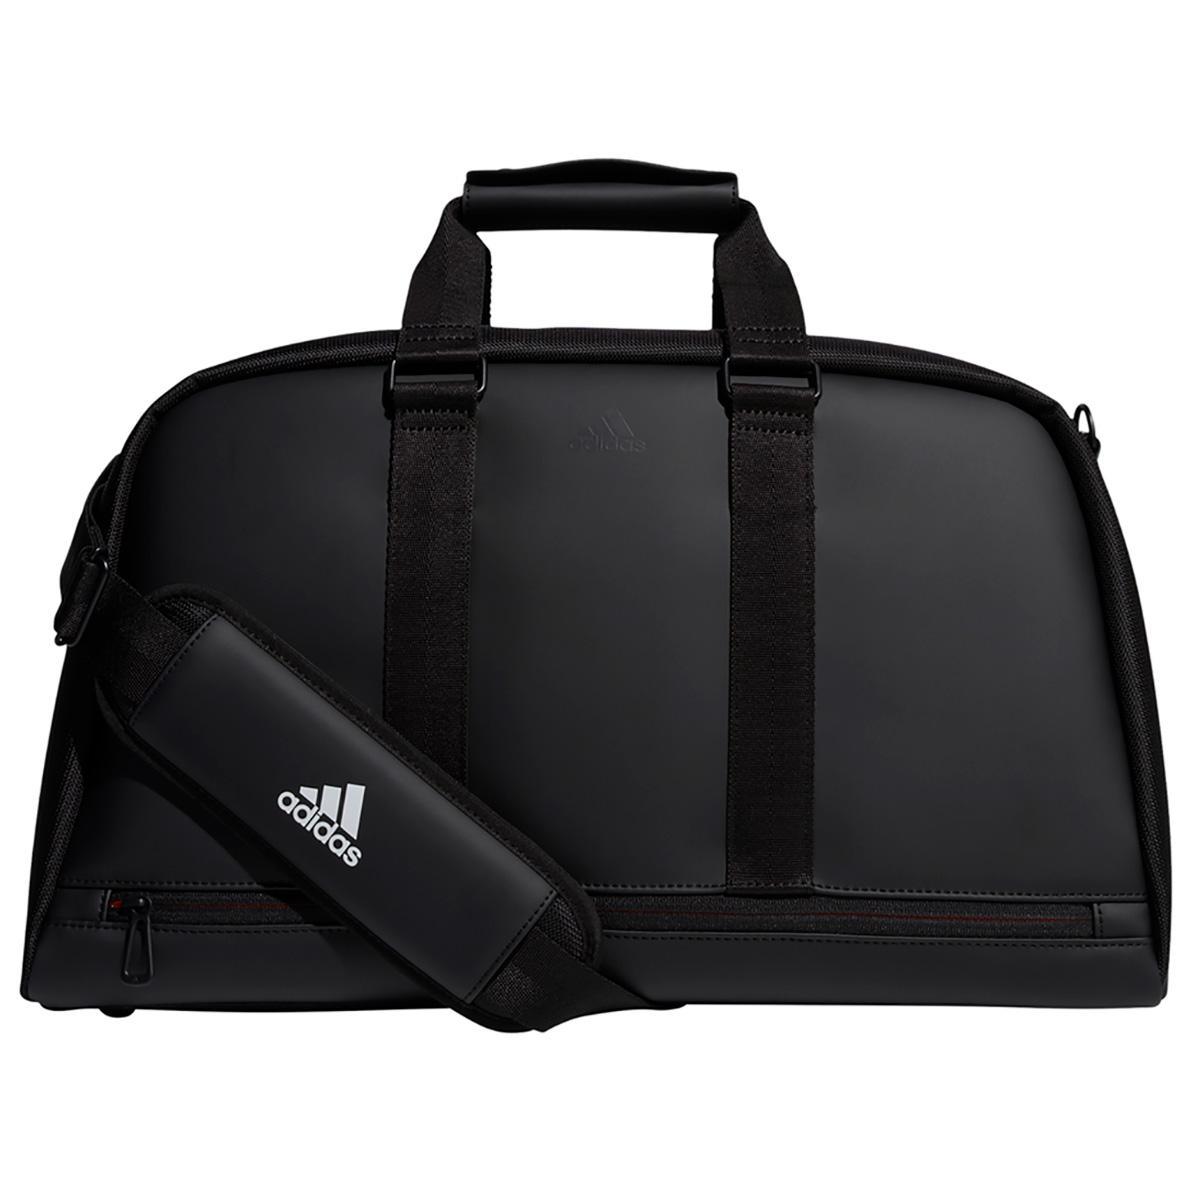 【\10%OFFクーポン対象/9月22日迄】アディダス Adidas ツアー ボストンバッグ